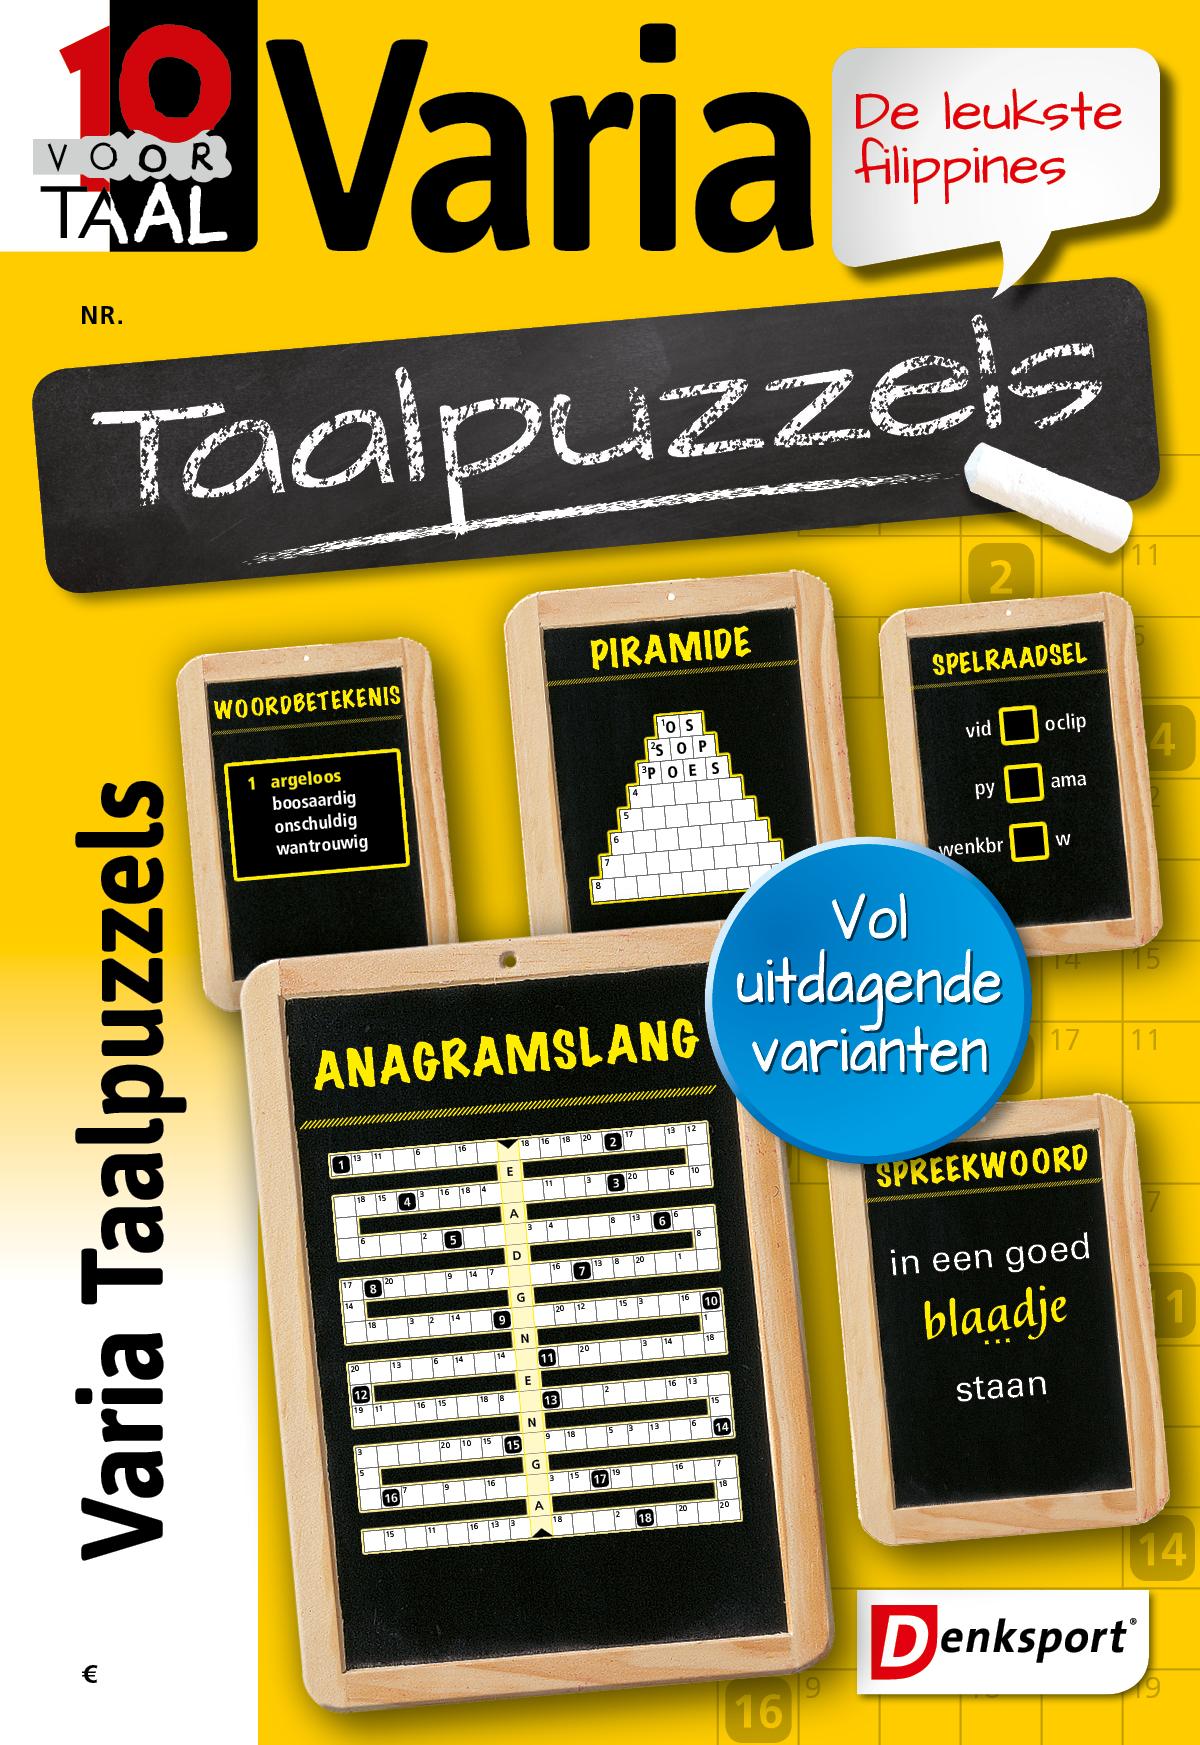 Afbeelding van 10 voor Taal - Varia taalpuzzels - Editie 219